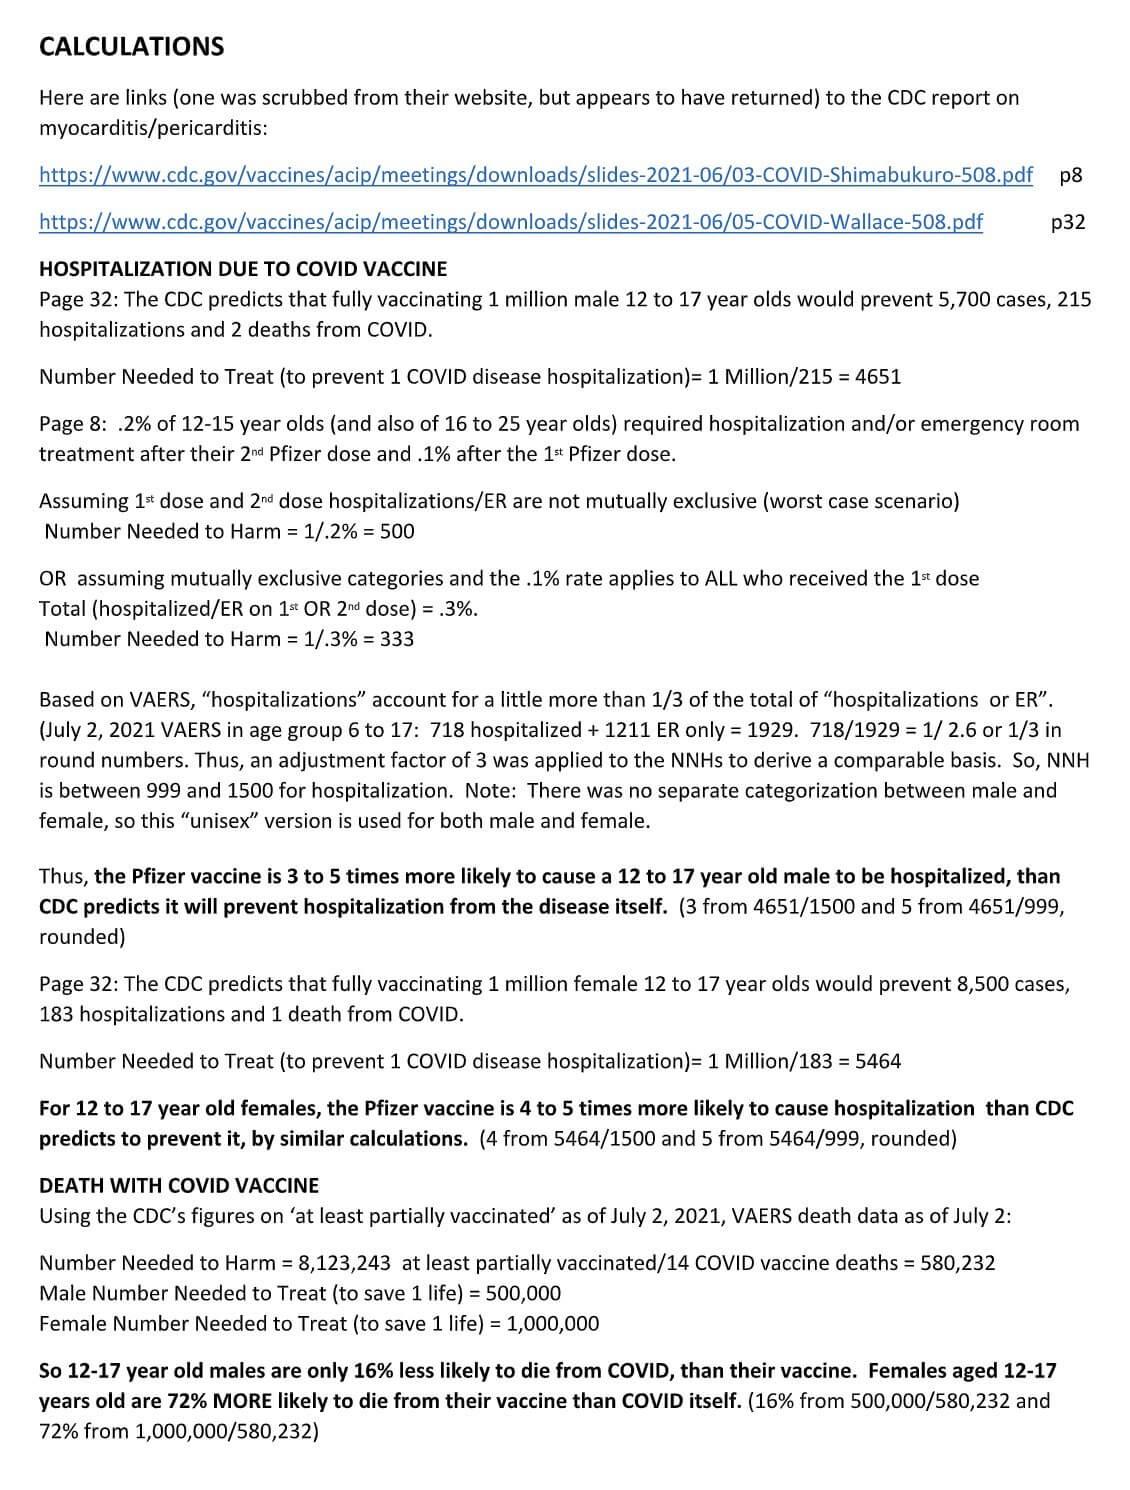 Korzyści i ryzyka z terapii genowej na C-19 wśród nastolatków – dr Robert Malone